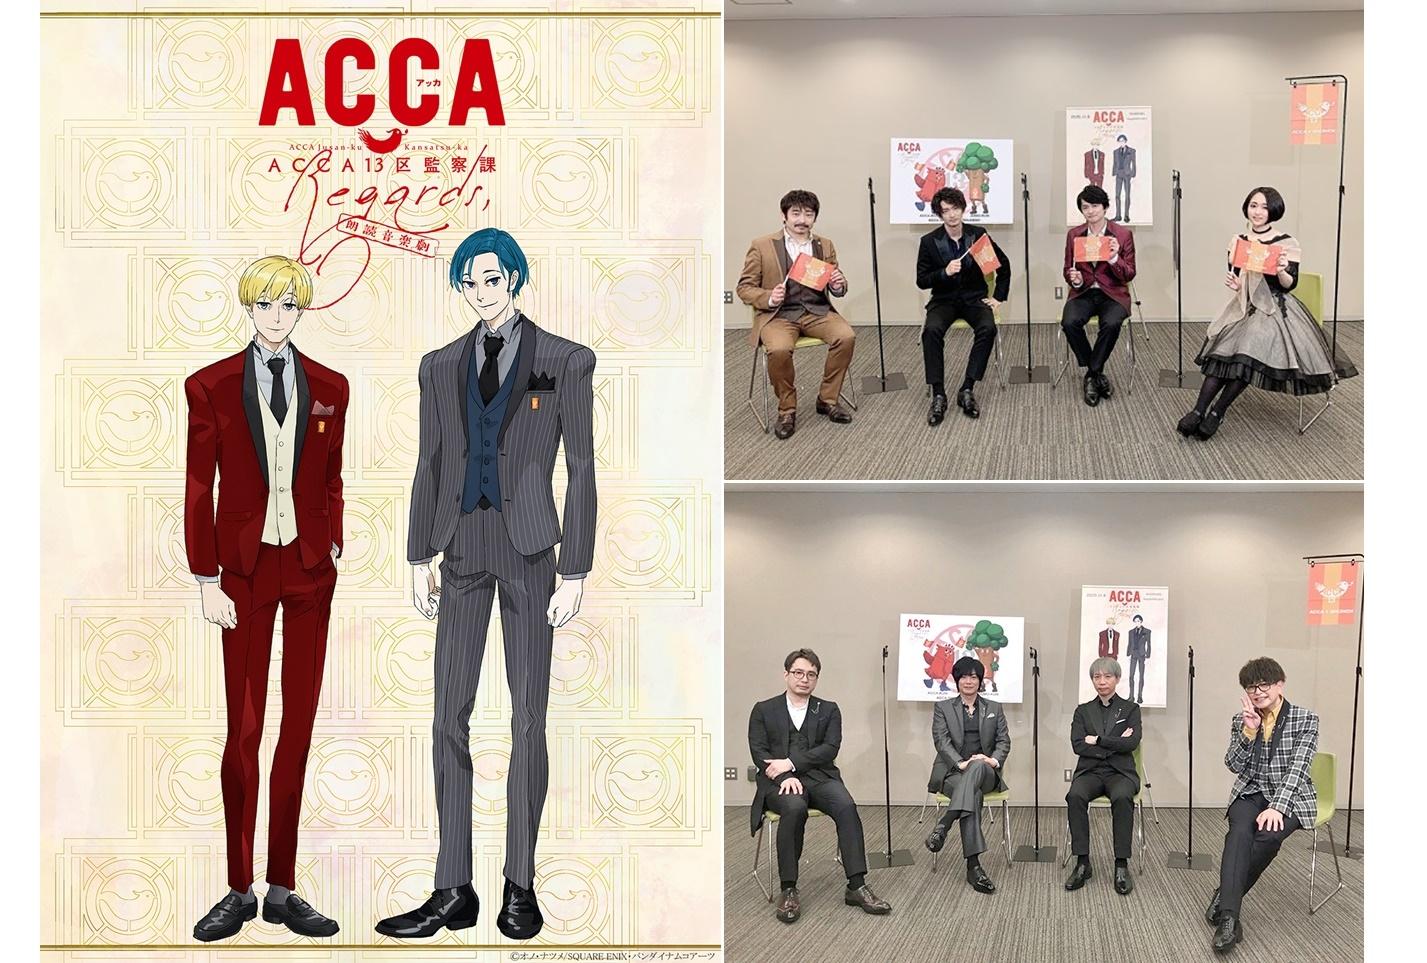 朗読音楽劇『ACCA13区監察課 Regards,』BD&&DVD 4/27 発売